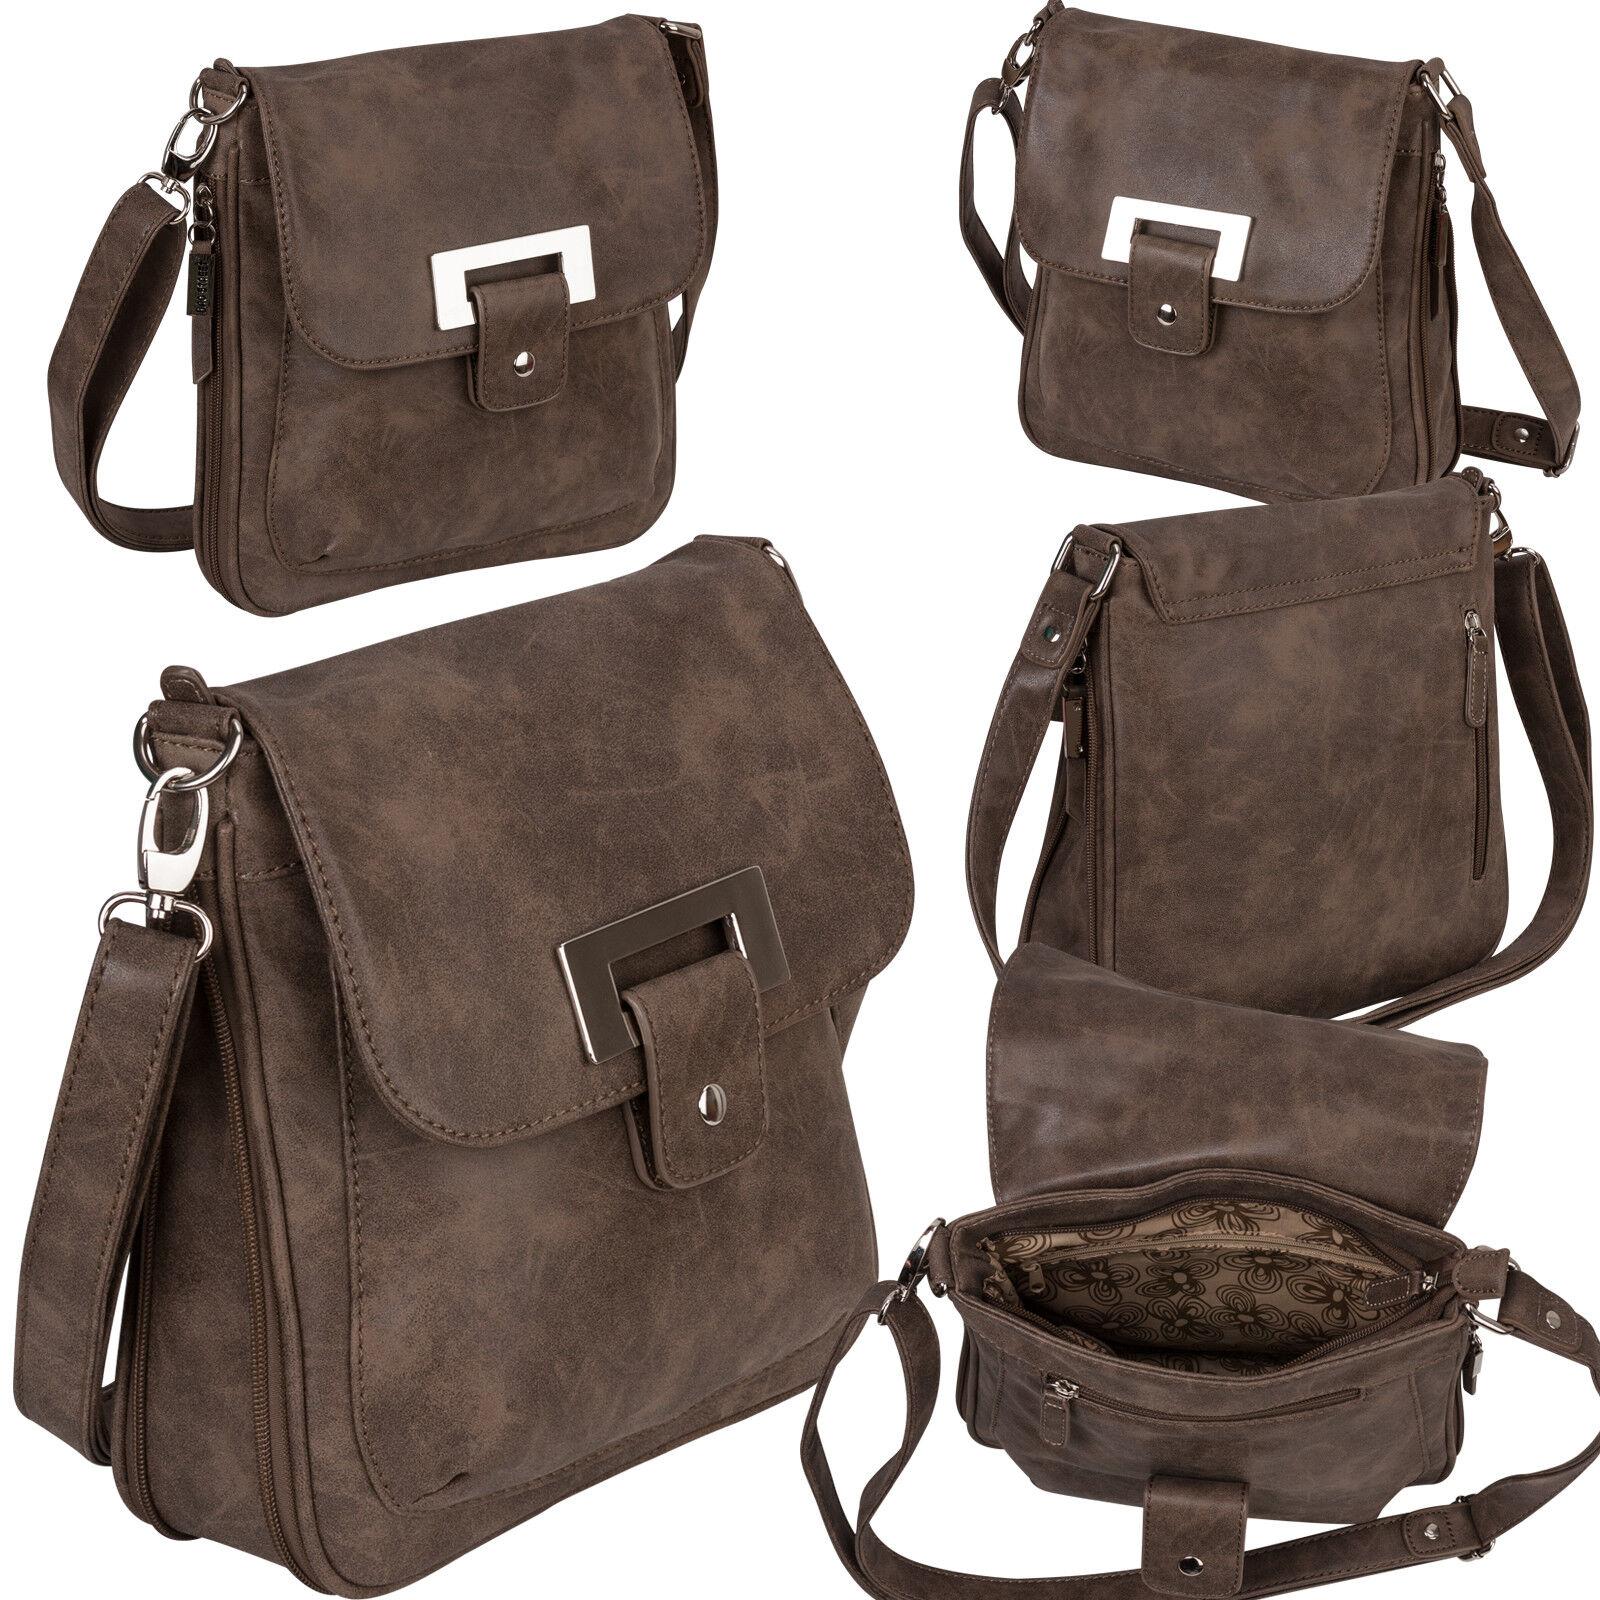 Bag Street Damentasche Umhängetasche Handtasche Schultertasche K2 T0101 Braun